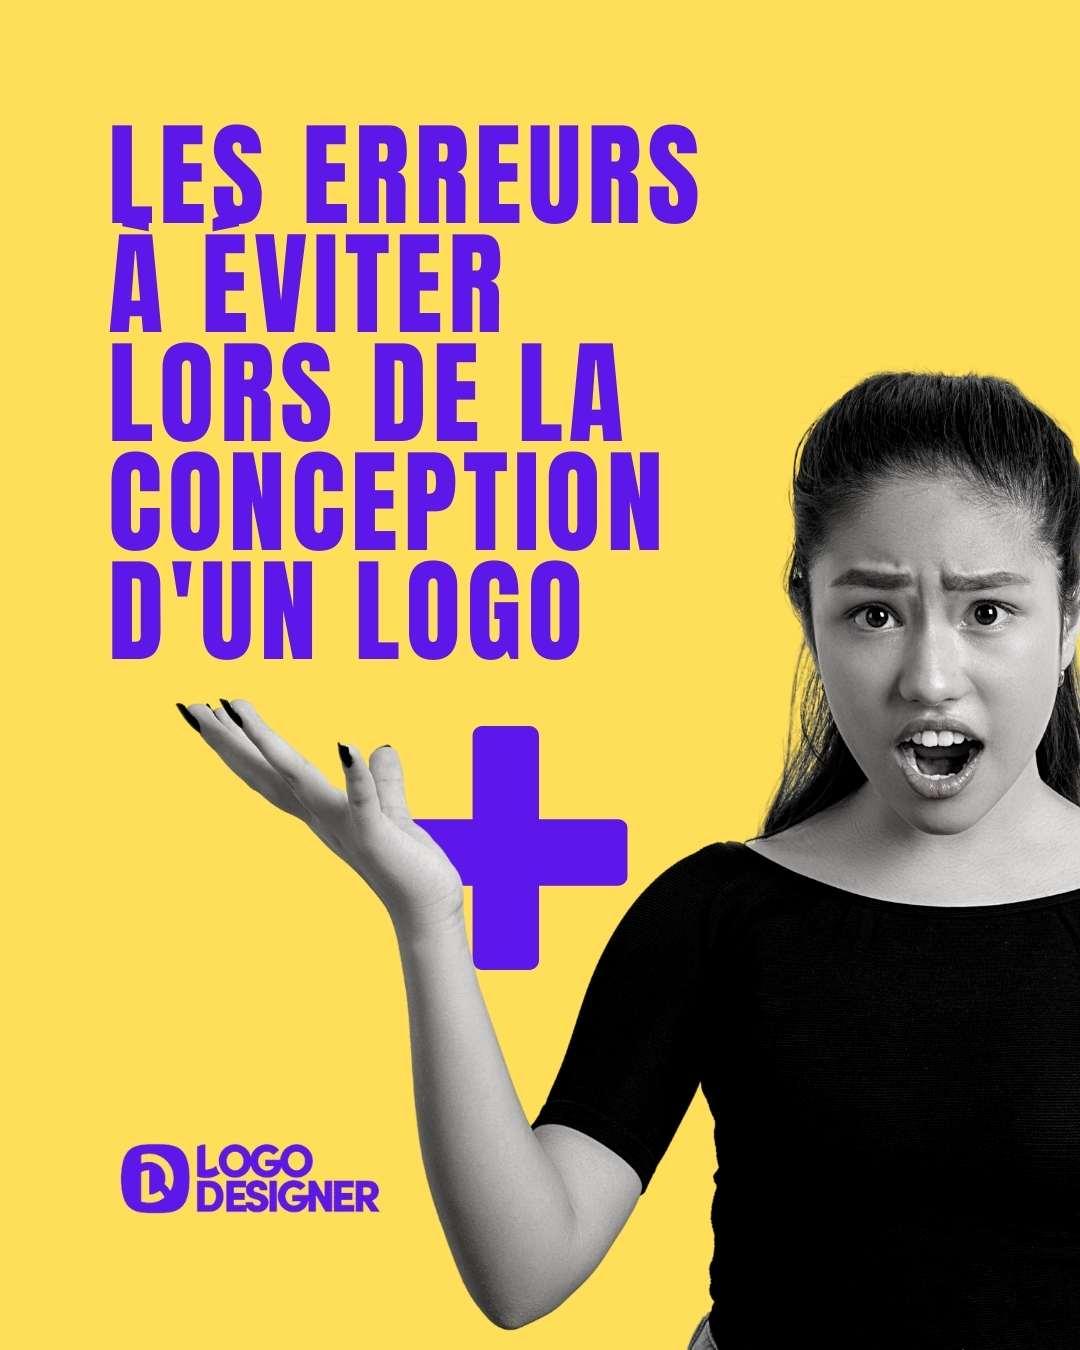 Les erreurs à éviter lors de la conception d'un logo